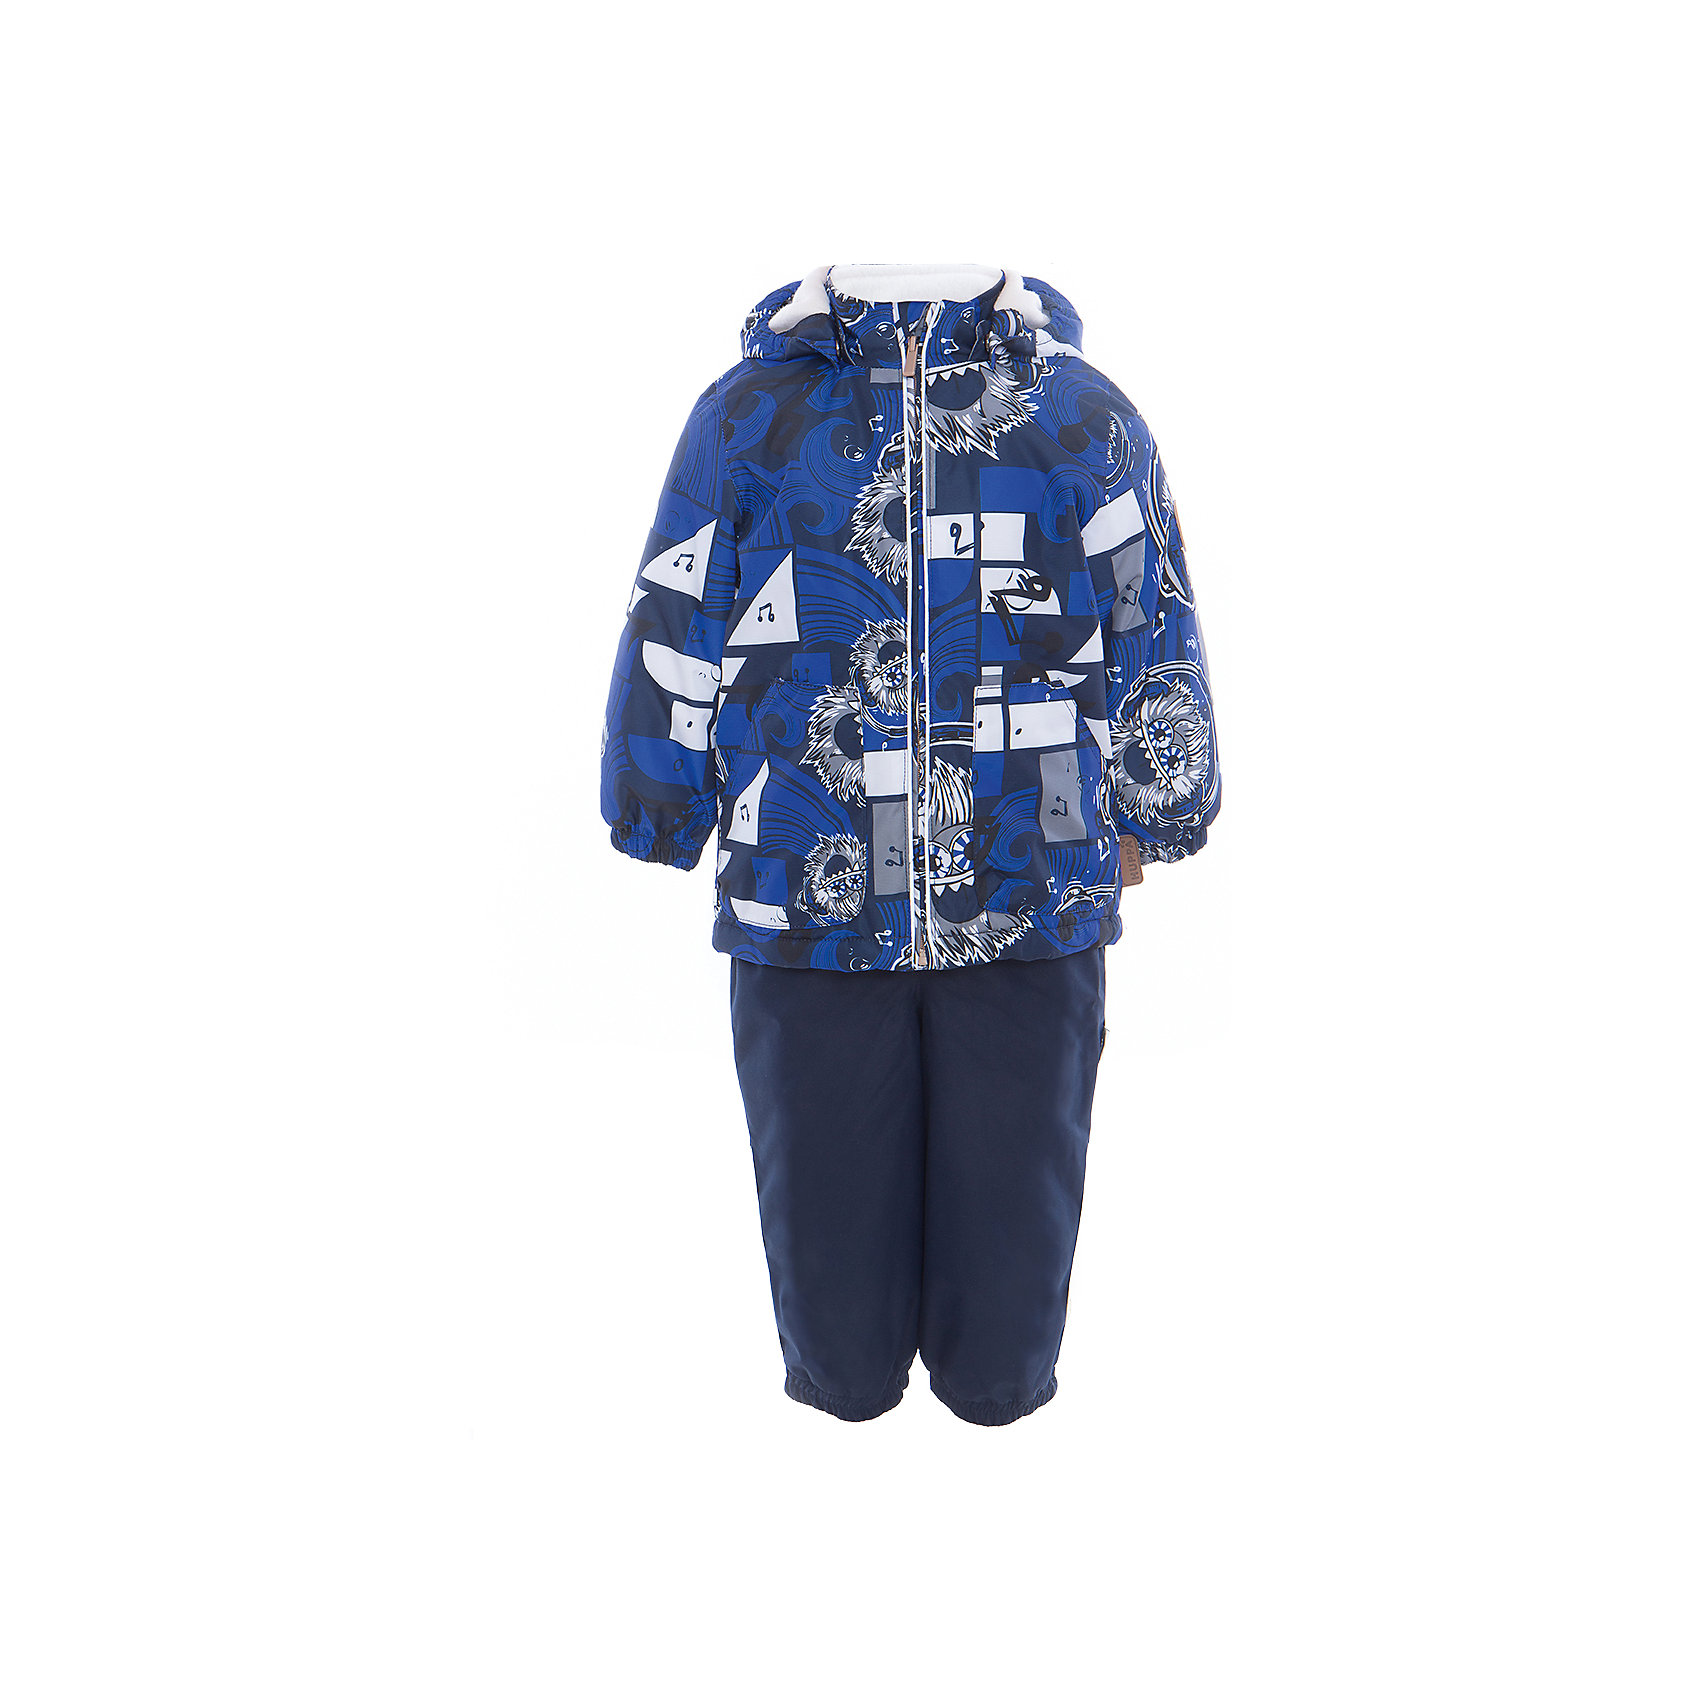 Комплект: куртка и полукомбинезон для мальчика CARLO HuppaВерхняя одежда<br>Характеристики товара:<br><br>• цвет: тёмно-синий принт/тёмно-синий<br>• комплектация: куртка и полукомбинезон <br>• ткань: 100% полиэстер<br>• подкладка: тафта - 100% полиэстер<br>• утеплитель: 100% полиэстер; куртка 100 г, полукомбинезон 40 г<br>• температурный режим: от -5°С до +10°С<br>• водонепроницаемость: 10000 мм<br>• воздухопроницаемость: 10000 мм<br>• светоотражающие детали<br>• шов сидения проклеен<br>• съёмный капюшон с резинкой<br>• эластичные манжеты на рукавах<br>• манжеты брюк с резинкой<br>• съёмные эластичные штрипки<br>• без внутренних швов<br>• резиновые подтяжки<br>• коллекция: весна-лето 2017<br>• страна бренда: Эстония<br><br>Такой модный демисезонный комплект  обеспечит детям тепло и комфорт. Он сделан из материала, отталкивающего воду, и дополнен подкладкой с утеплителем, поэтому изделие идеально подходит для межсезонья. Материал изделий - с мембранной технологией: защищая от влаги и ветра, он легко выводит лишнюю влагу наружу. Комплект очень симпатично смотрится. <br><br>Одежда и обувь от популярного эстонского бренда Huppa - отличный вариант одеть ребенка можно и комфортно. Вещи, выпускаемые компанией, качественные, продуманные и очень удобные. Для производства изделий используются только безопасные для детей материалы. Продукция от Huppa порадует и детей, и их родителей!<br><br>Комплект: куртка и полукомбинезон для мальчика CARLO от бренда Huppa (Хуппа) можно купить в нашем интернет-магазине.<br><br>Ширина мм: 356<br>Глубина мм: 10<br>Высота мм: 245<br>Вес г: 519<br>Цвет: синий<br>Возраст от месяцев: 36<br>Возраст до месяцев: 48<br>Пол: Мужской<br>Возраст: Детский<br>Размер: 104,110,80,86,92,98<br>SKU: 5346725